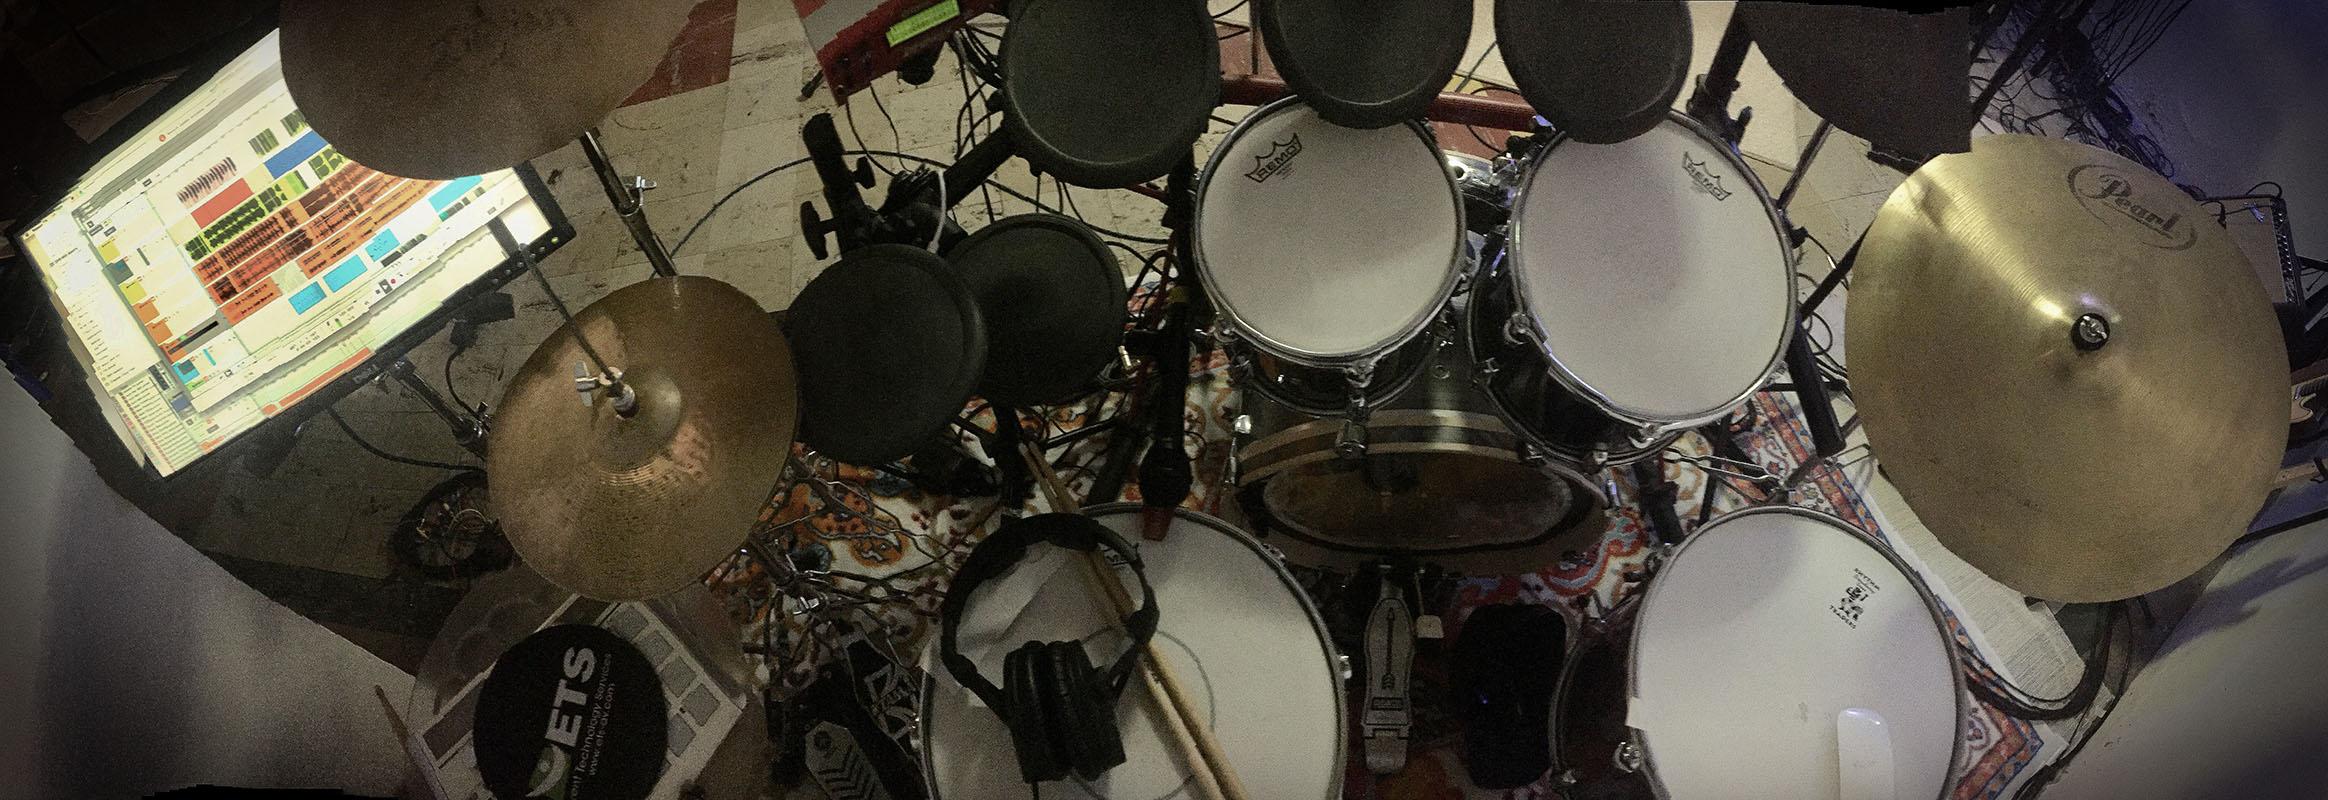 Brent's drums_SM2.jpg